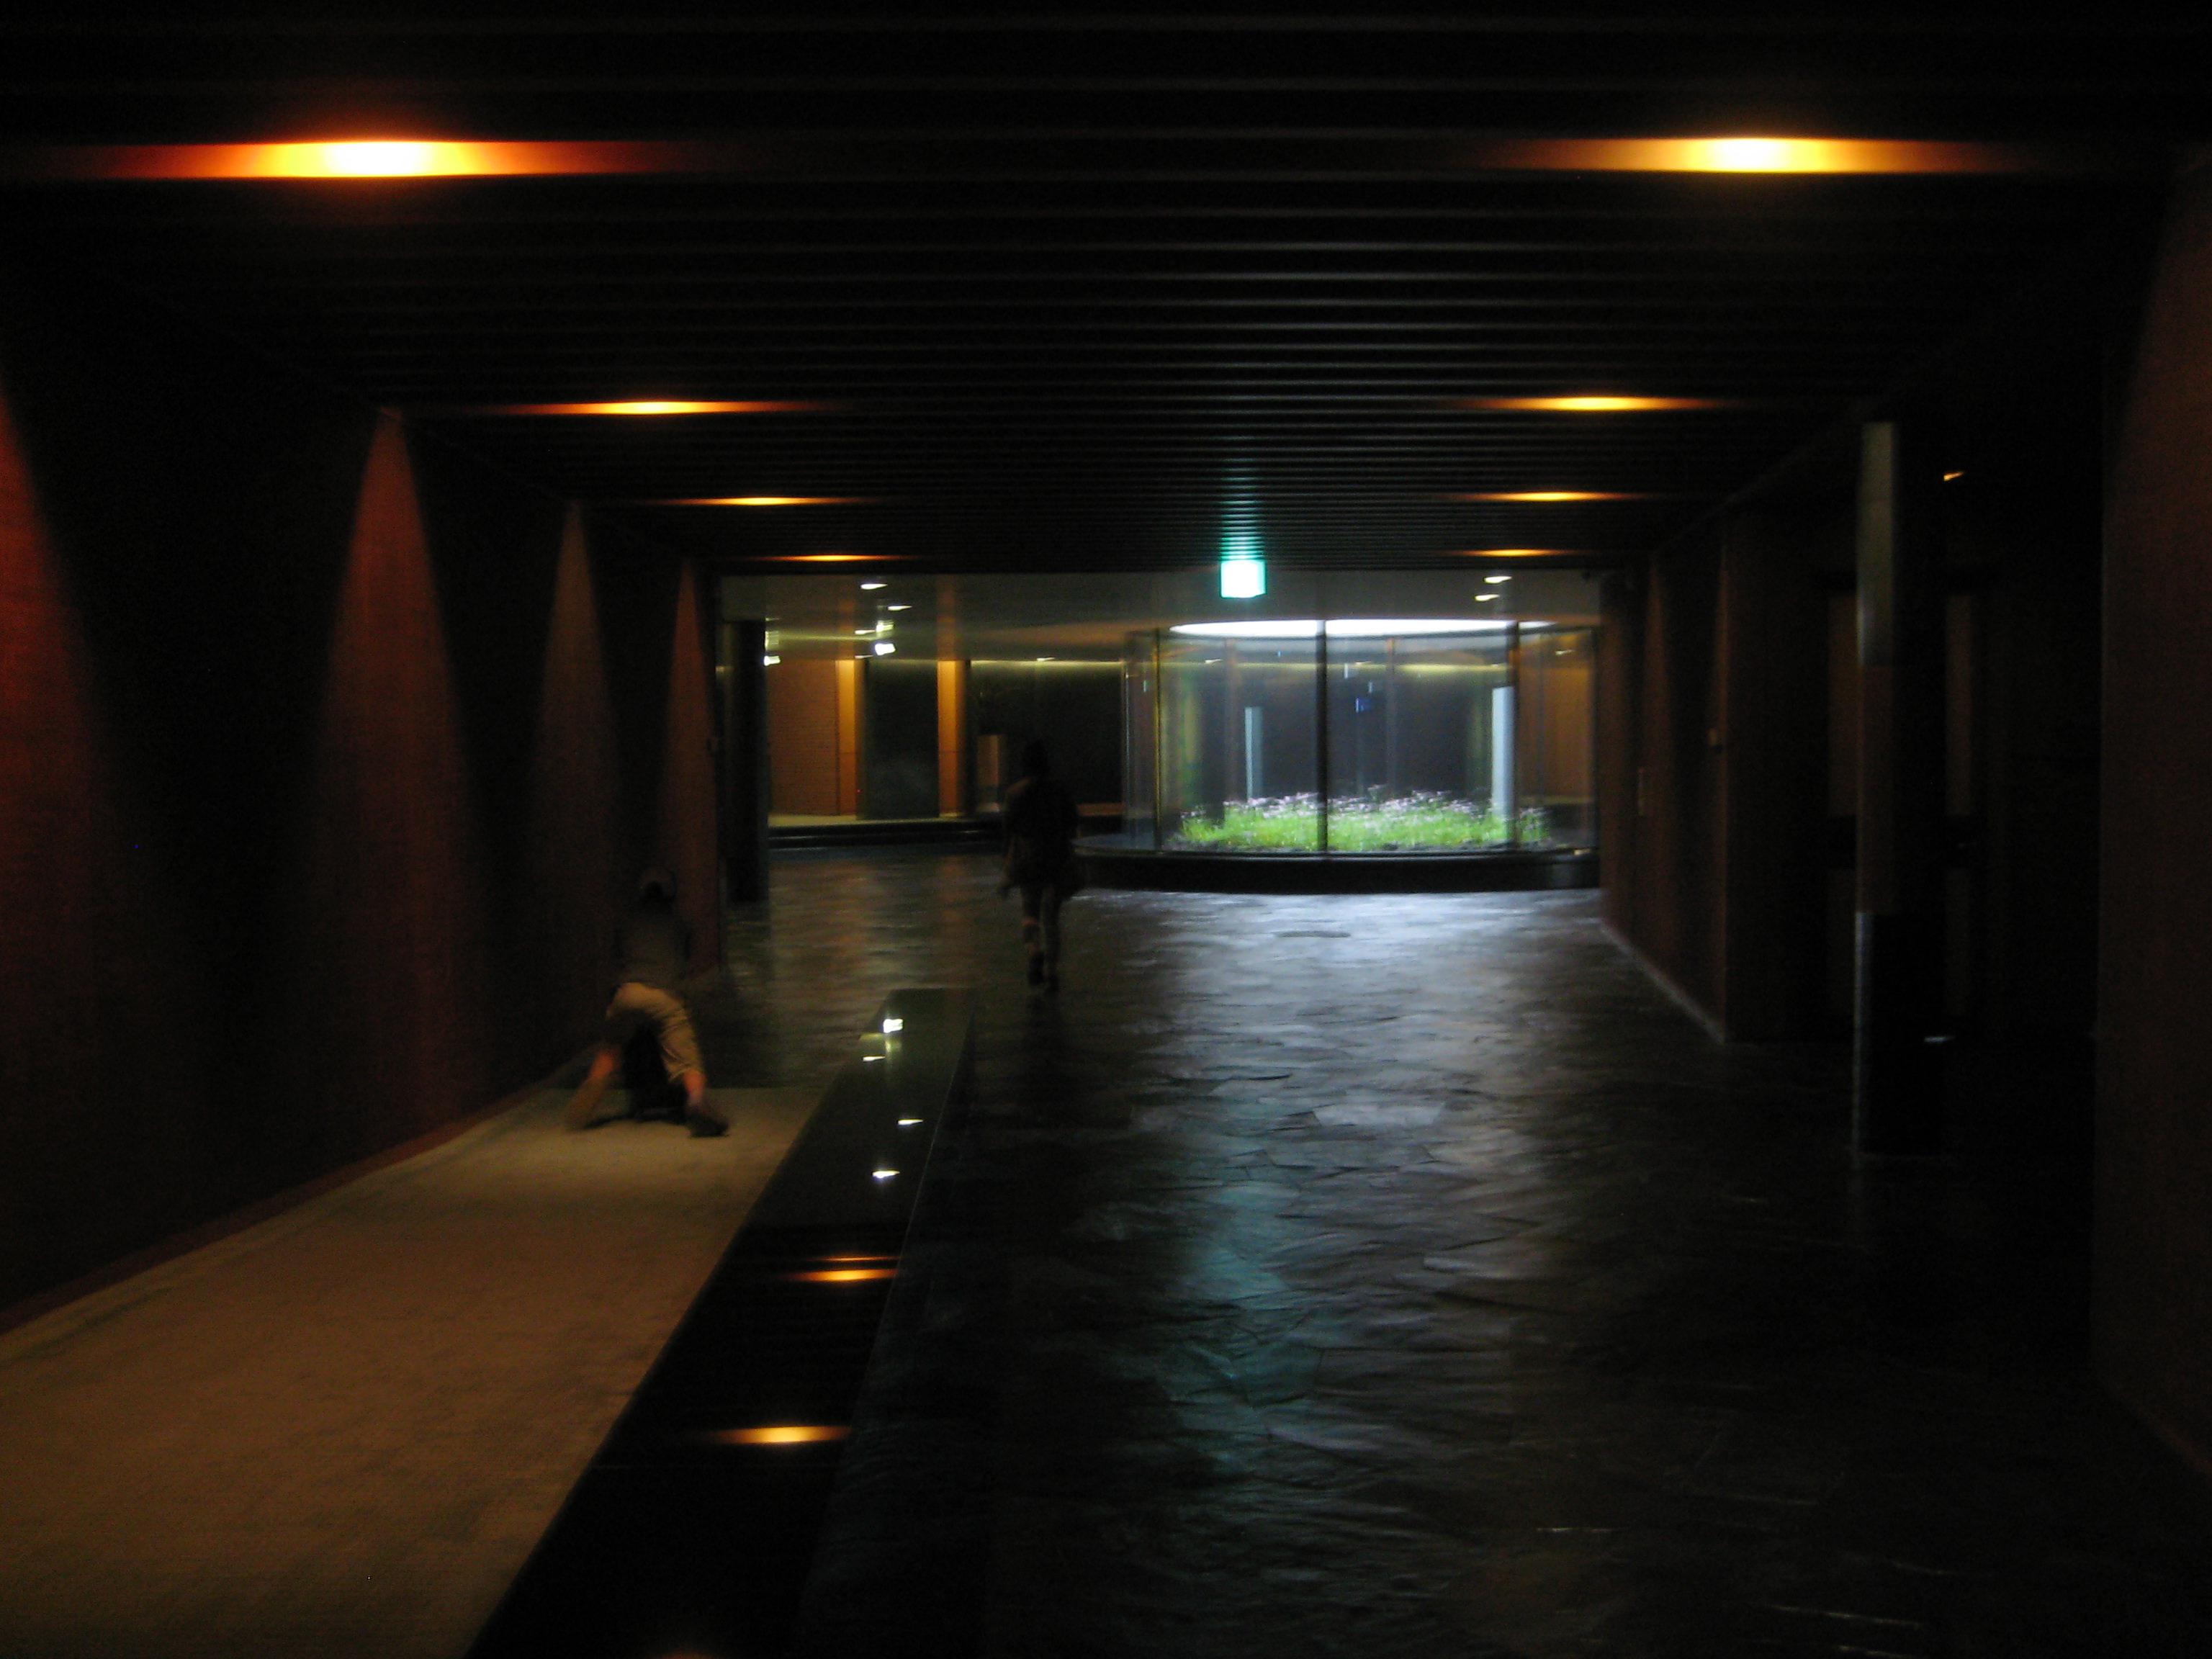 済州島 建築視察1 ポドホテル